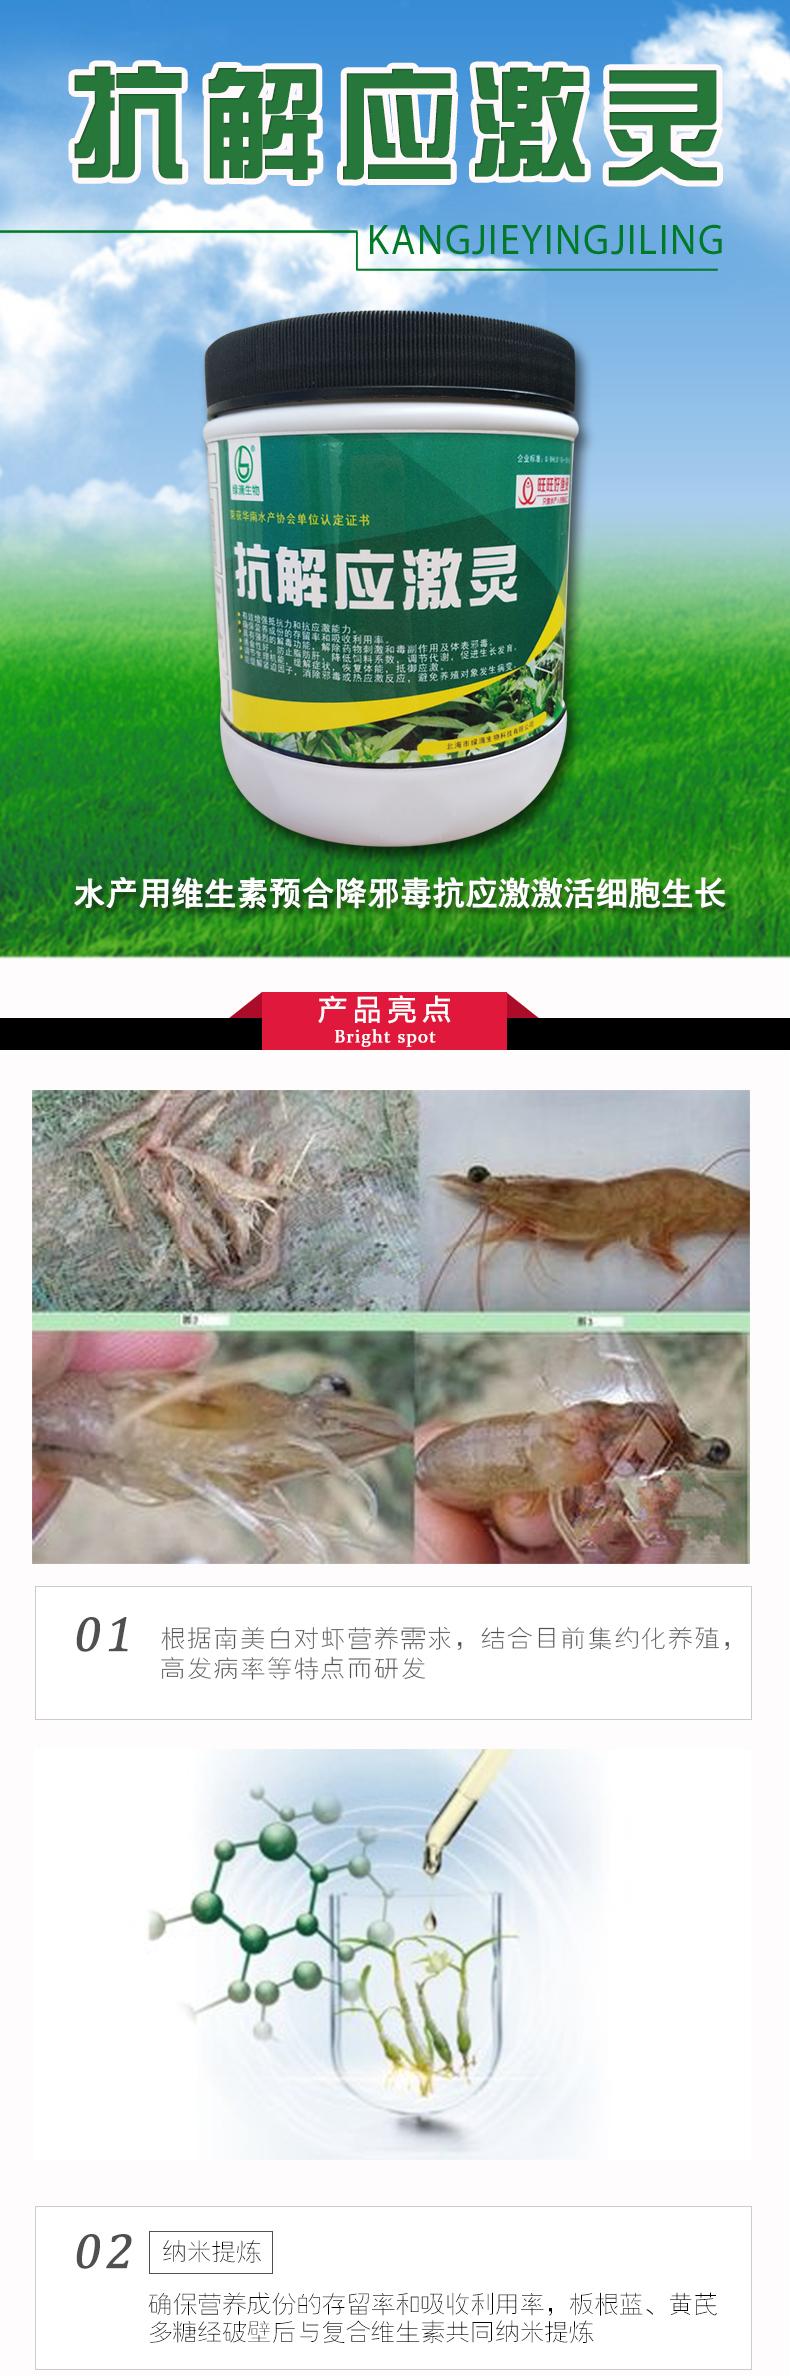 https://wap.haoyz.cn/attachment/images/1/2018/03/qluWW7atikkT0lBttITtGgtB947TU9.jpg